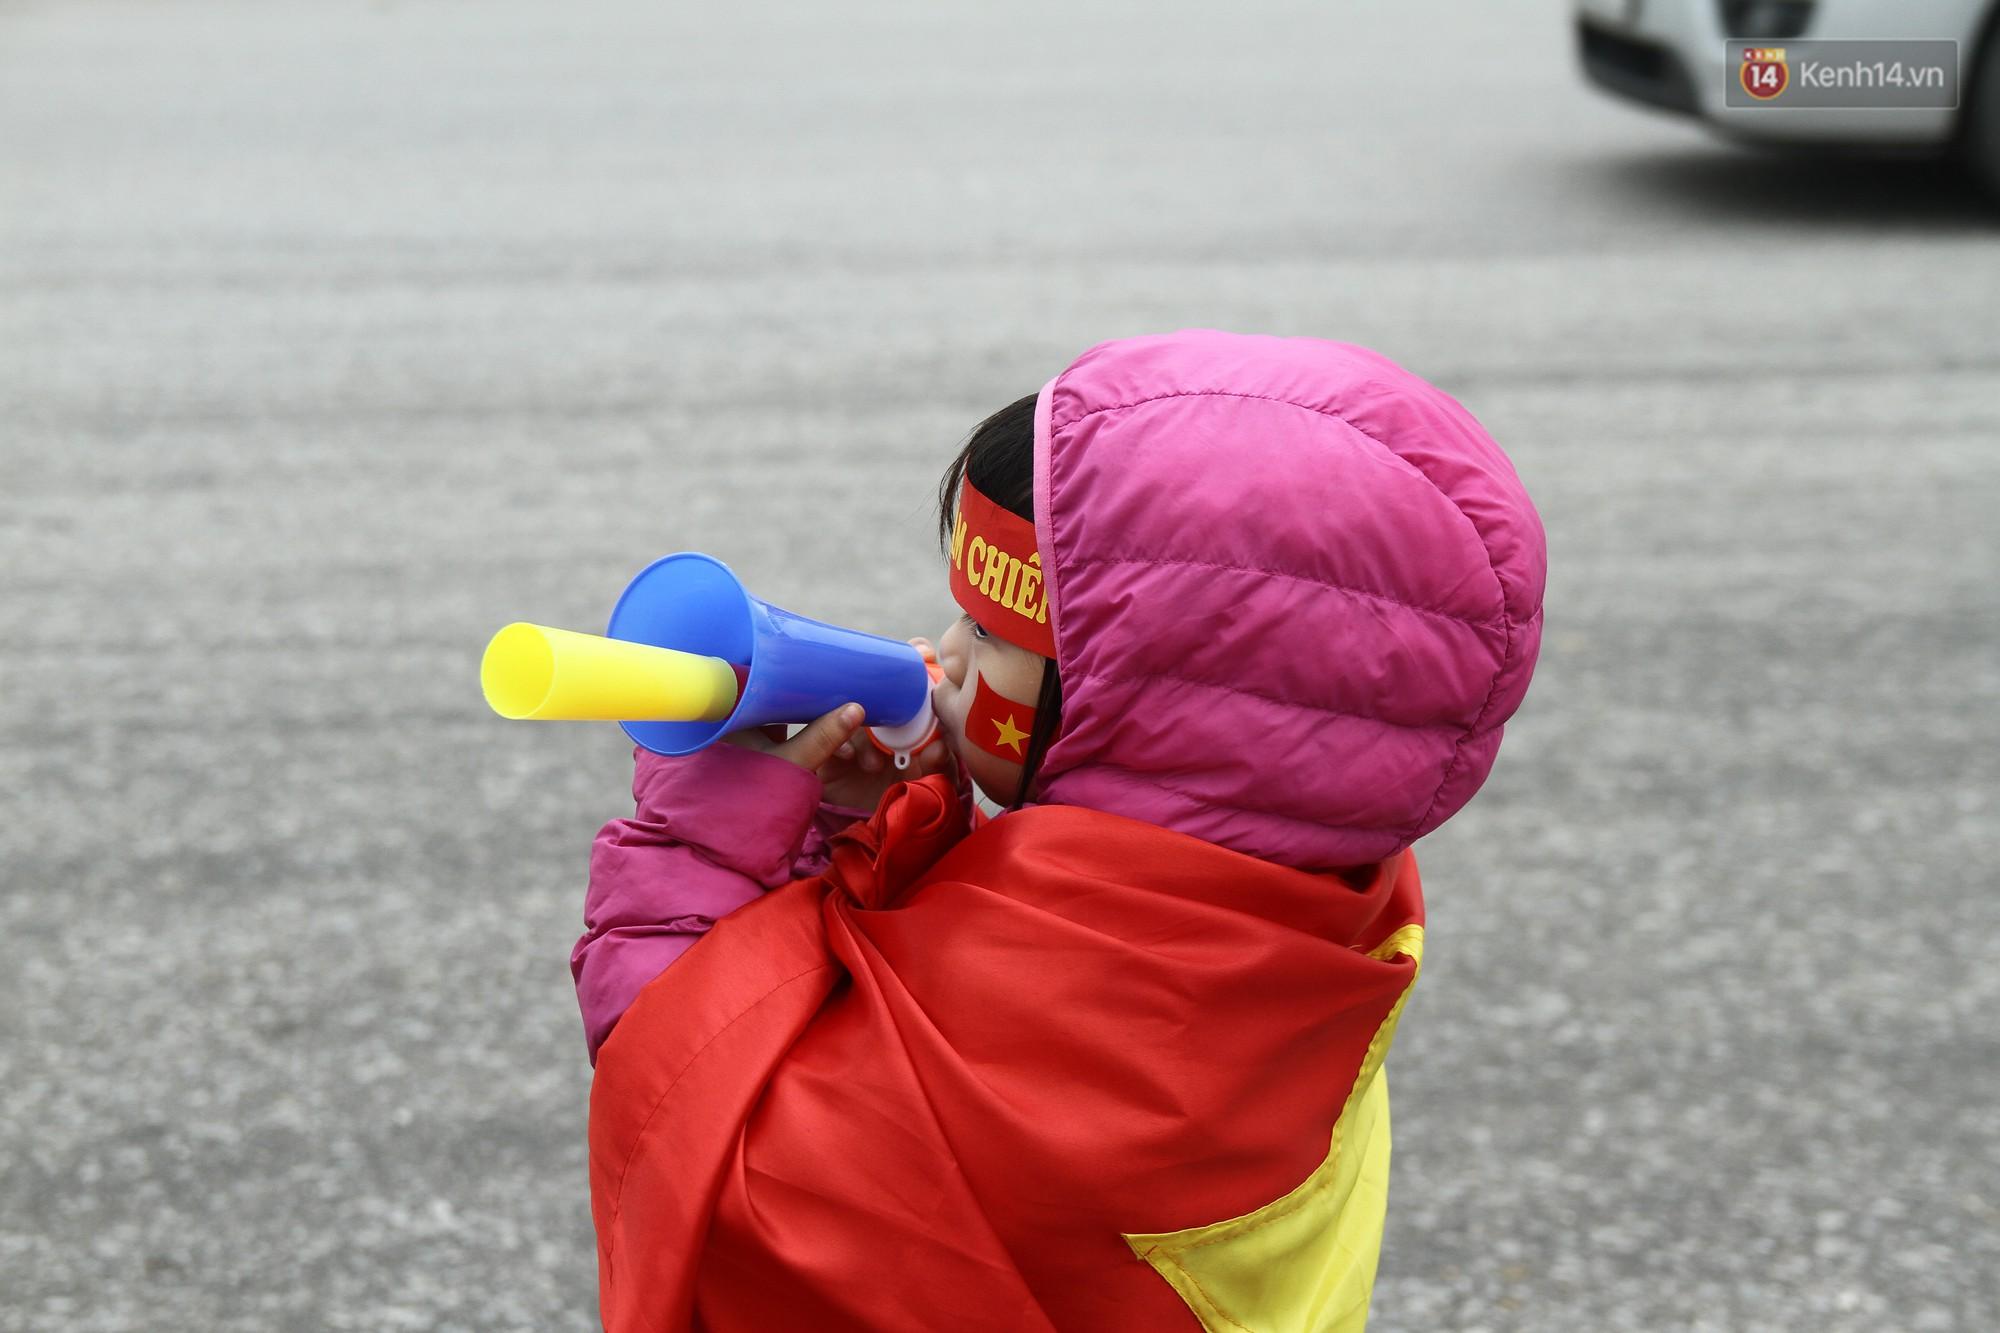 Chùm ảnh: Những cổ động viên nhí má đỏ môi hồng xuống đường đón U23 Việt Nam, nhìn là thấy cưng rồi! - Ảnh 3.